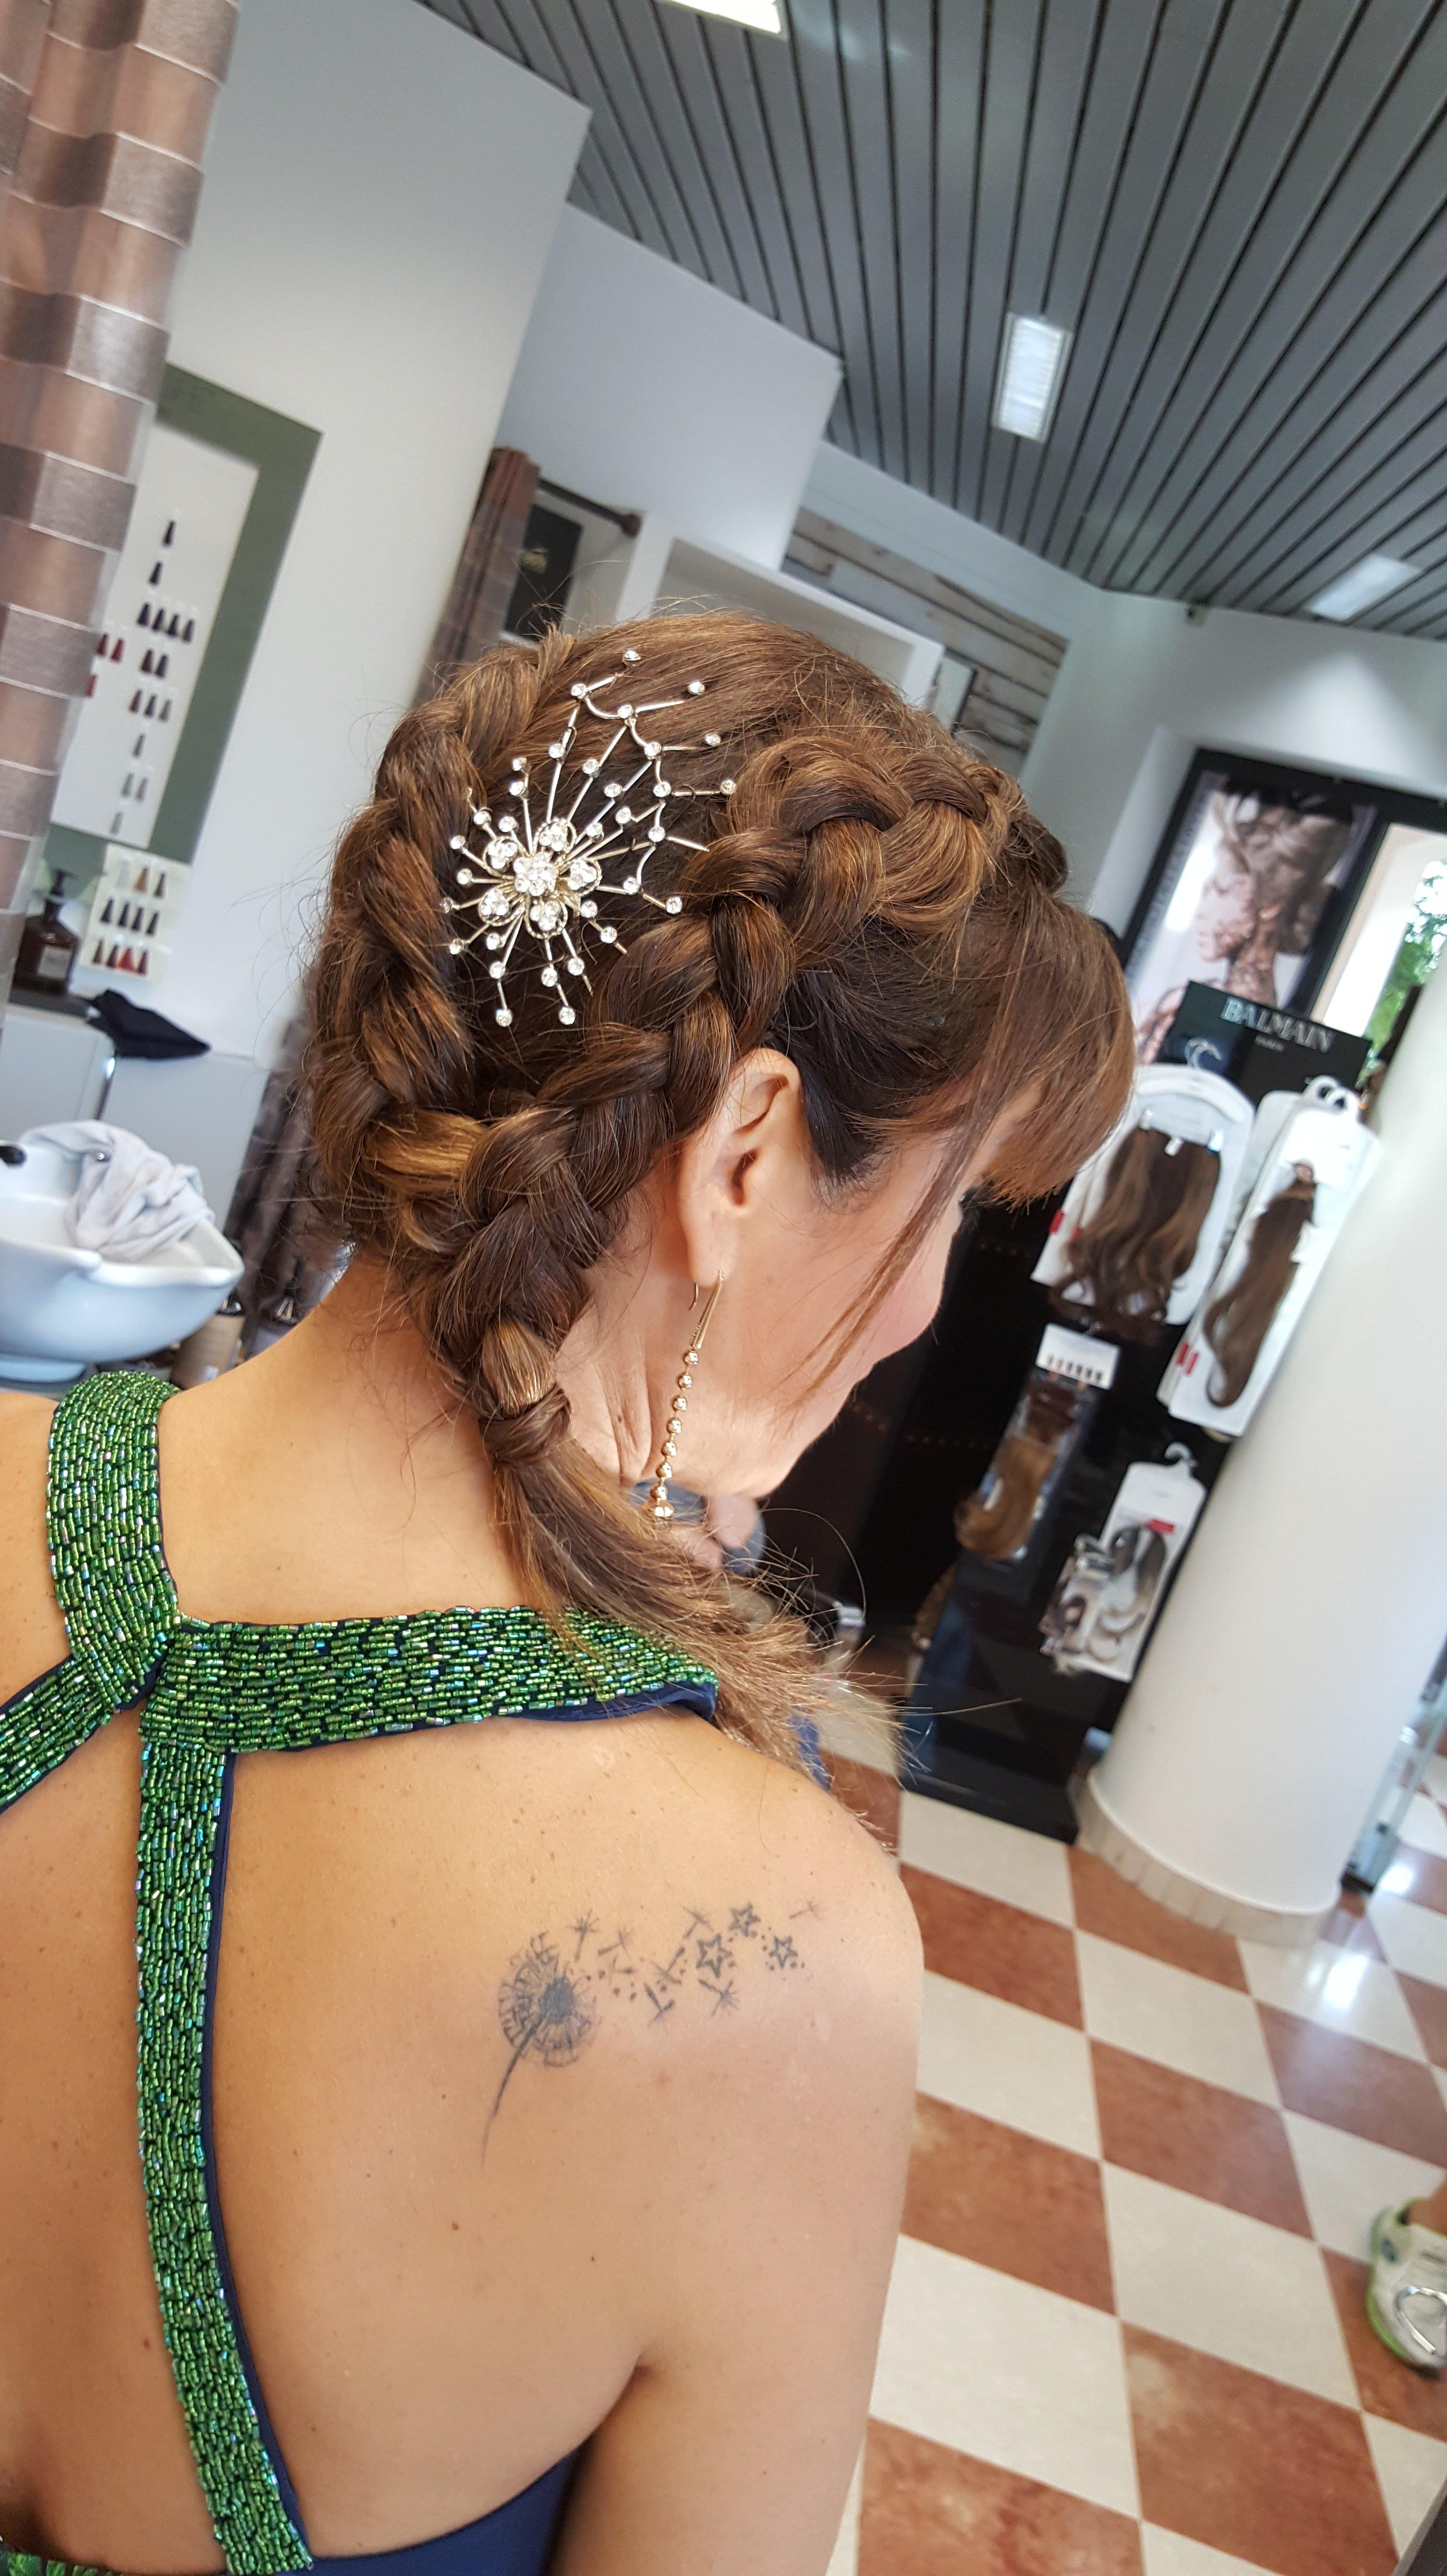 donna con capelli castani intrecciati e con pettinino diamantato sulla nuca sopra le treccie